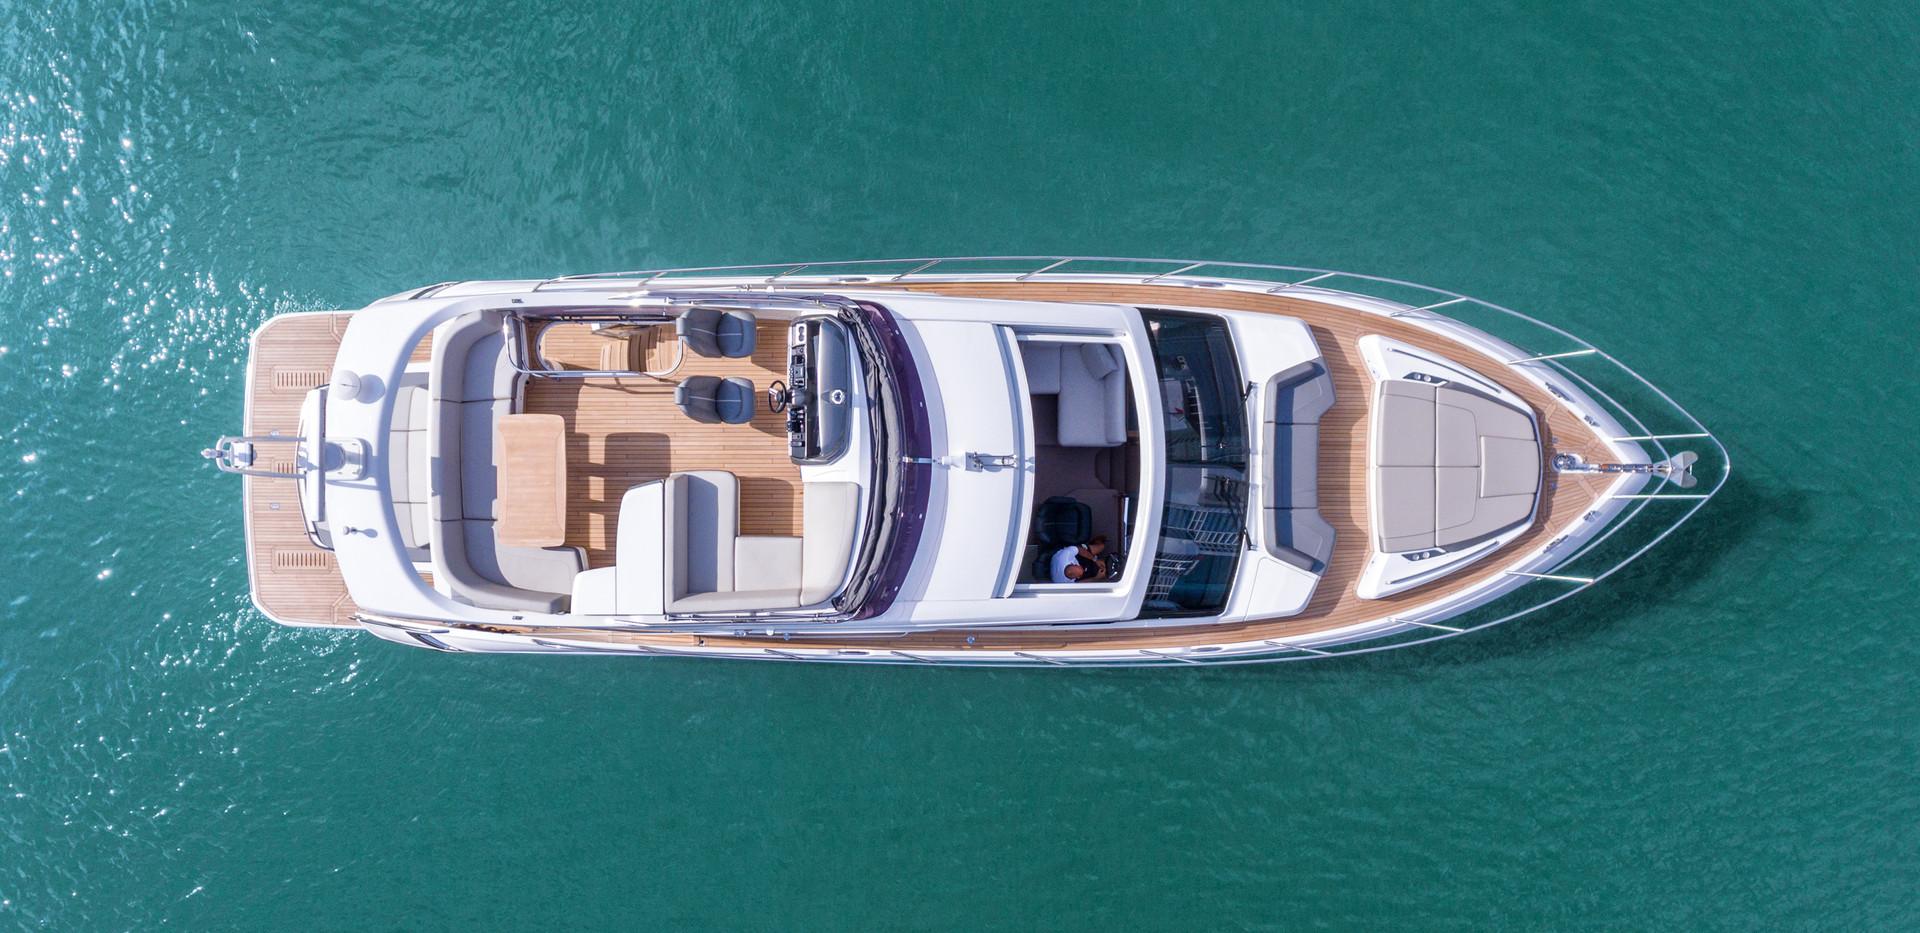 s60-exterior-white-hull-04Abromowitz Sha